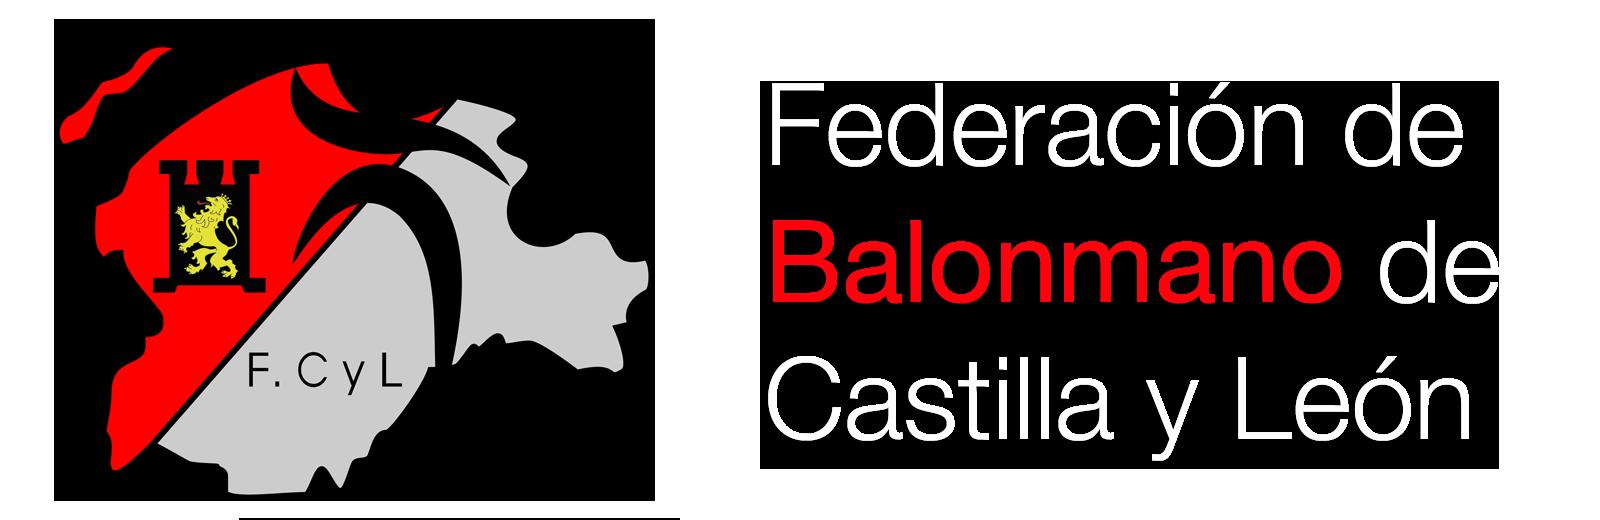 Federación Territorial de Balonmano de Castilla y León